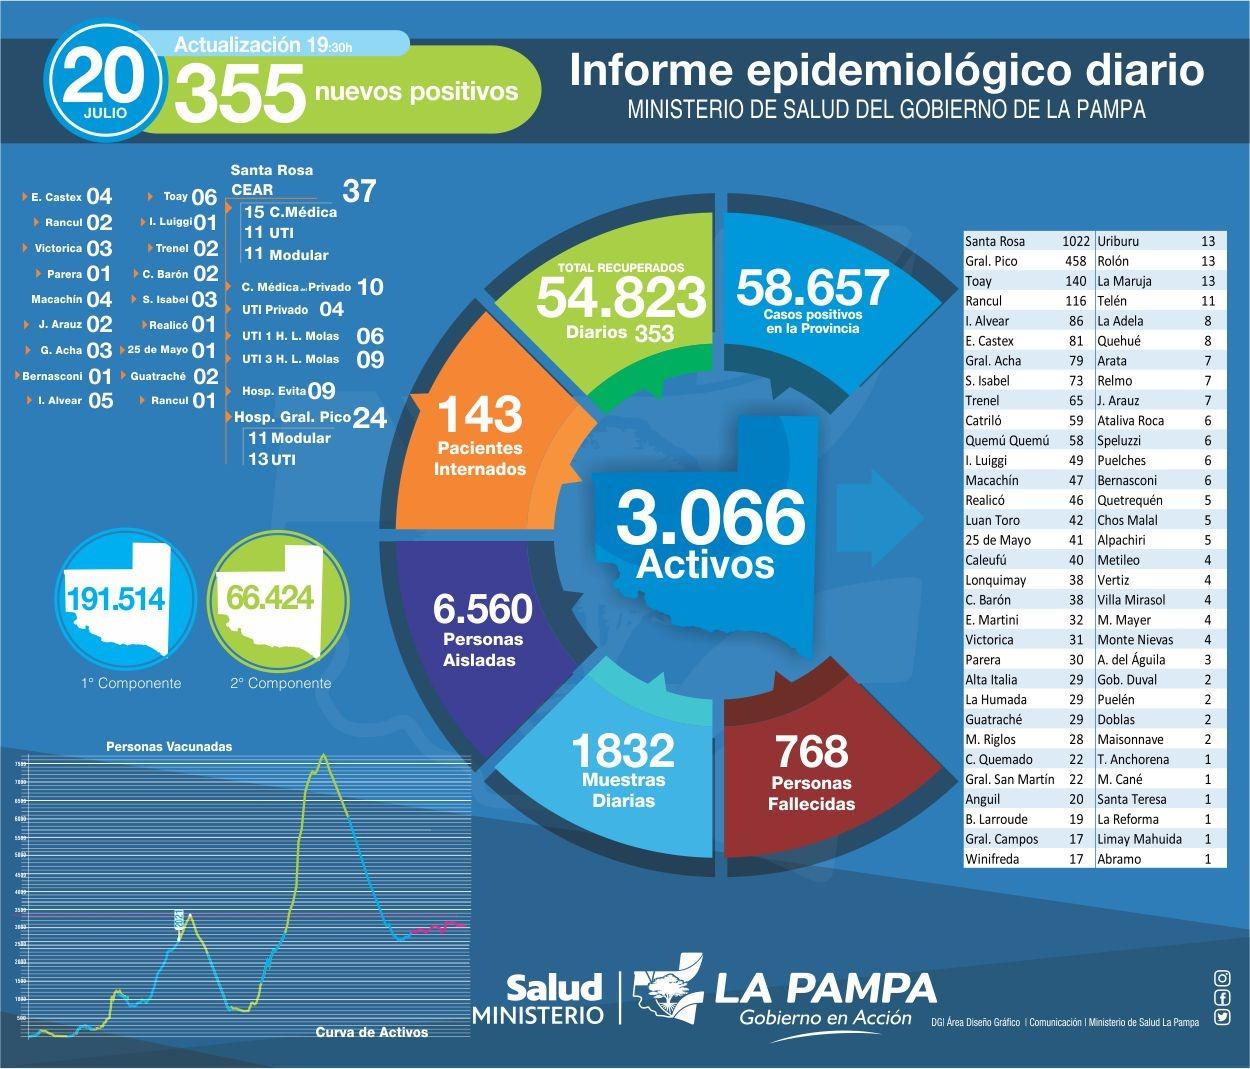 COVID-19: hoy se registraron 355 nuevos diagnósticos positivos en La Pampa